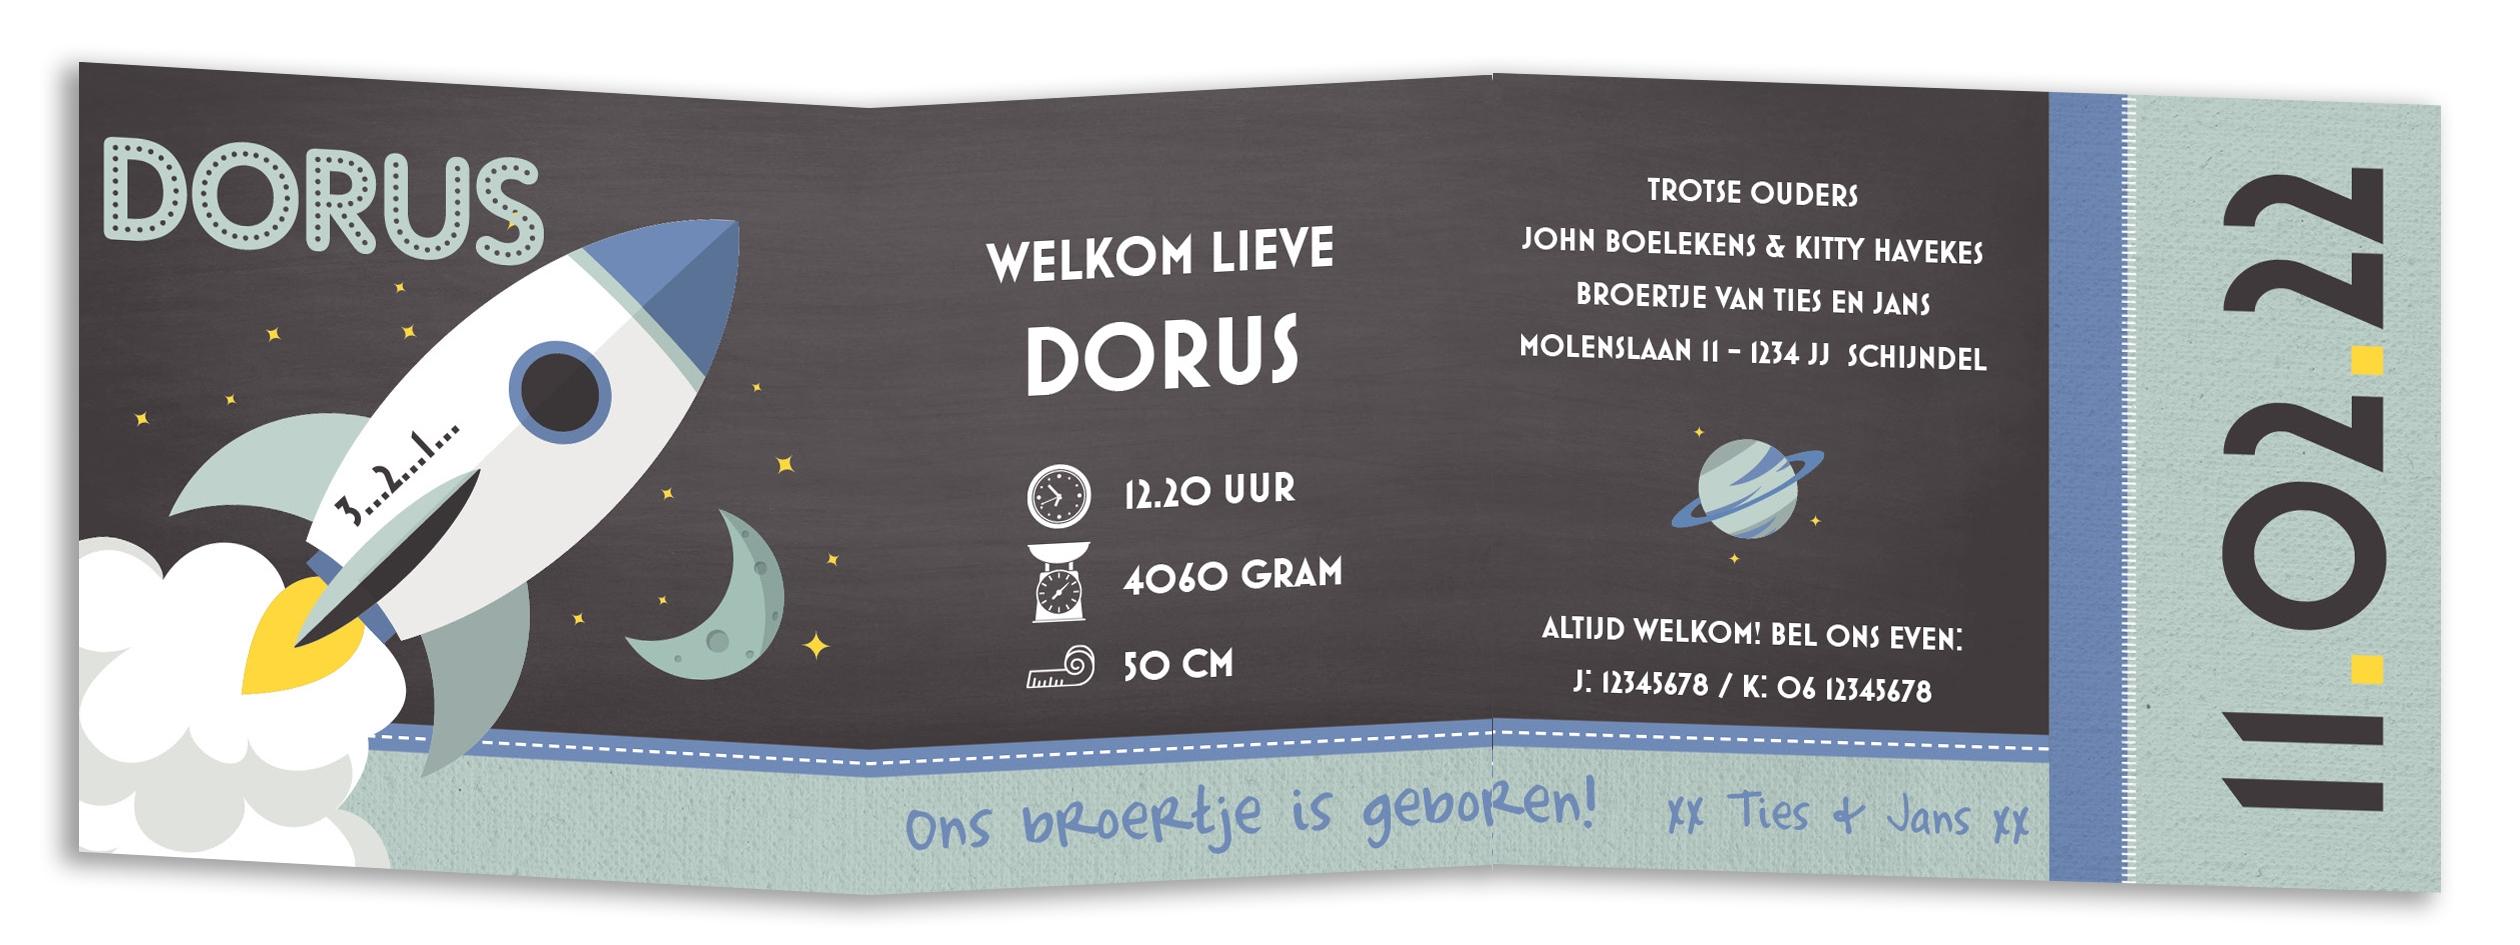 Geboortekaarten Dorus